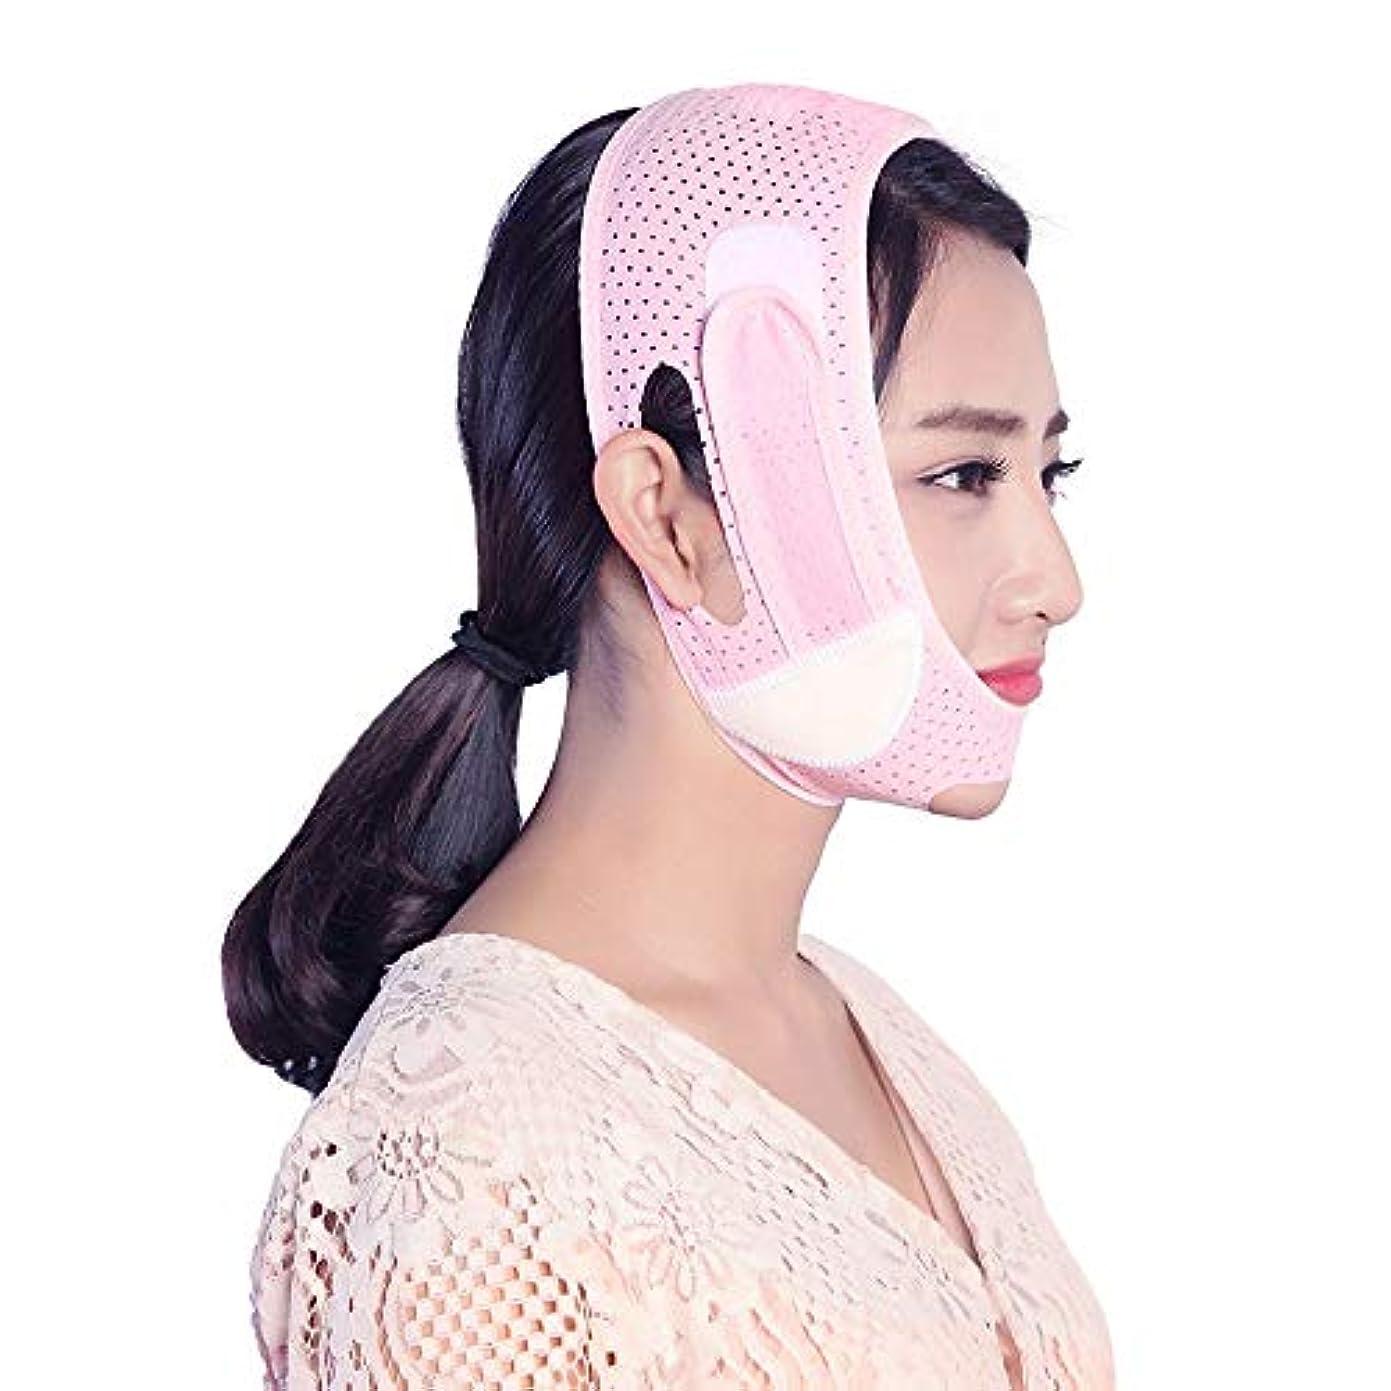 もちろんうぬぼれ逃れるMinmin 睡眠薄い顔パッチ包帯吊り上げプルv顔引き締めどころアーティファクト判決パターン二重あご薄いマッセルマスク - ピンク みんみんVラインフェイスマスク